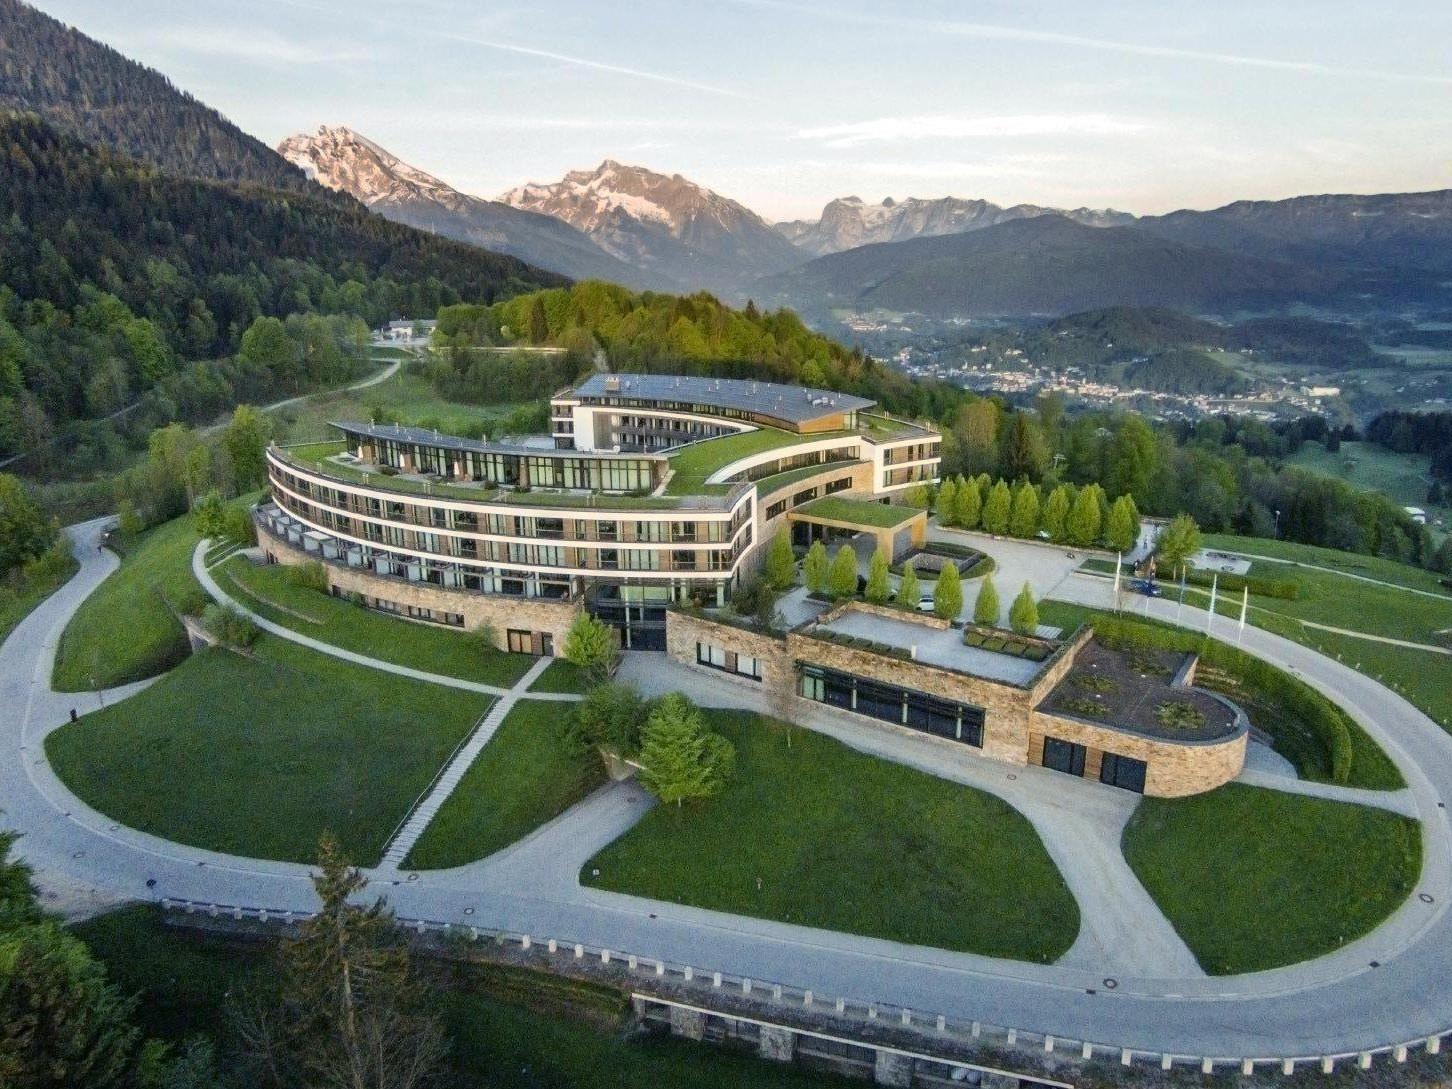 VIENNA.at verlost einen Luxus-Kurzurlaub im Kempinski Berchtesgaden.